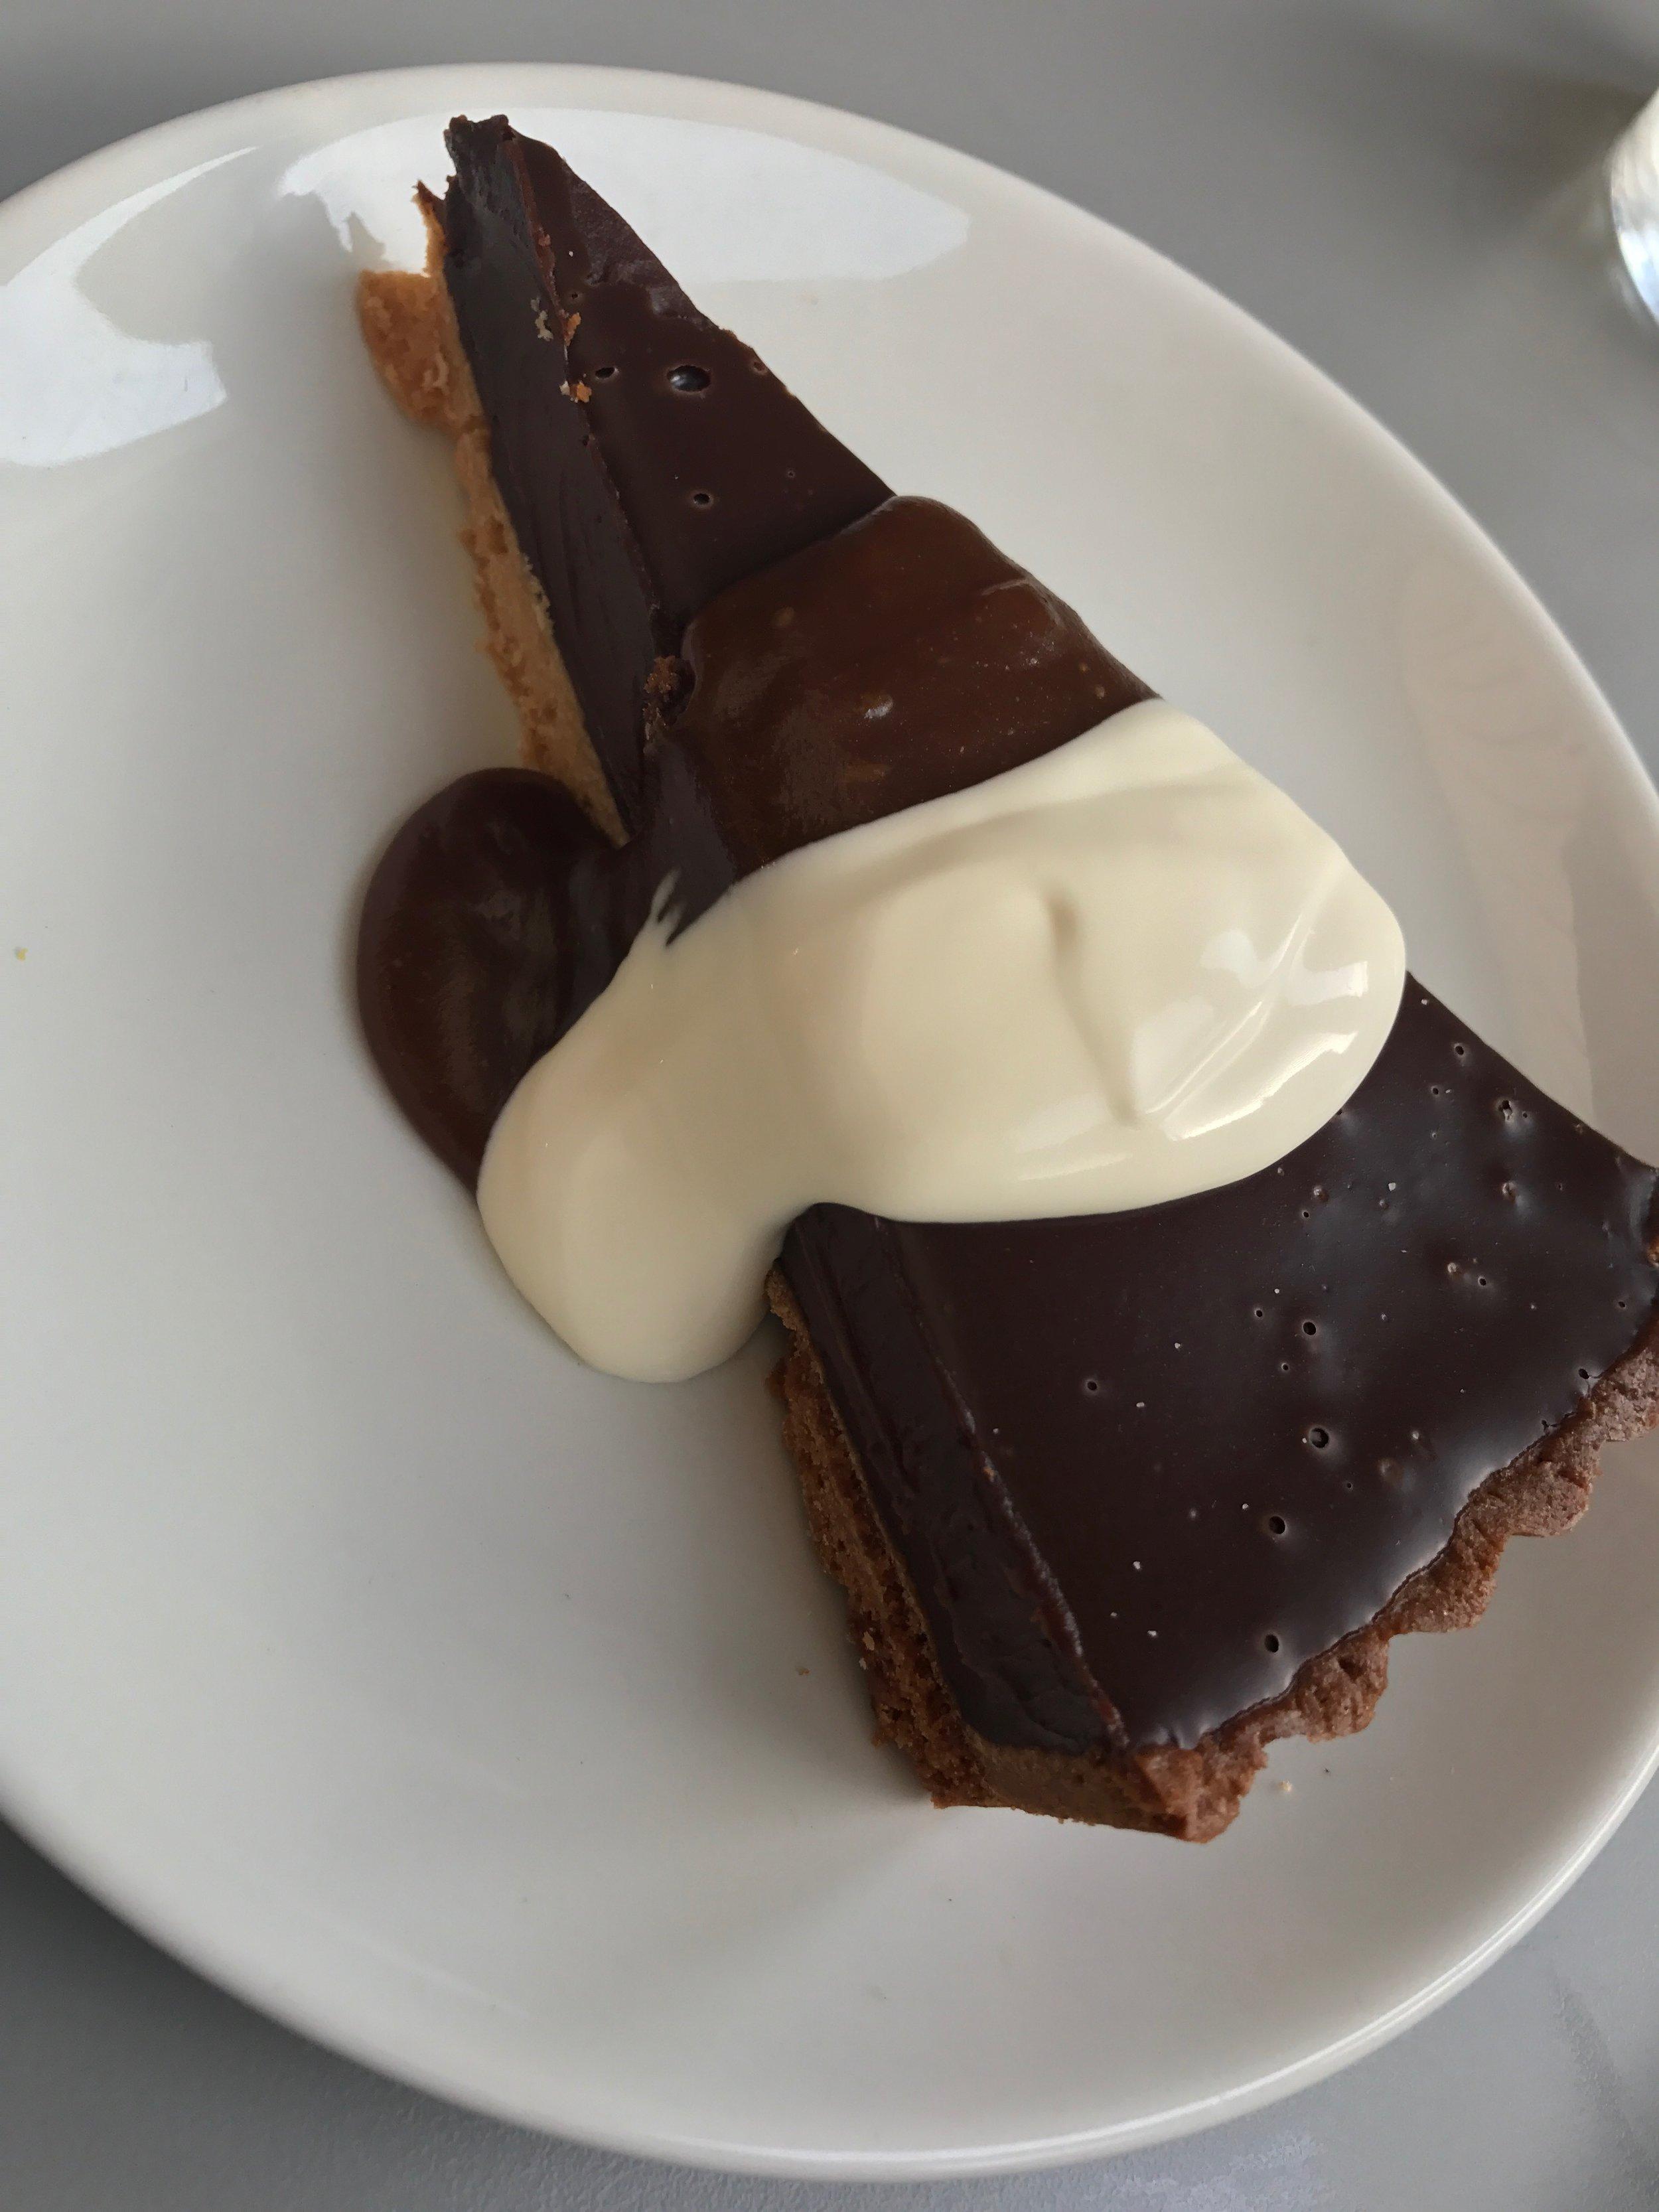 Salted chocolate torte and créme fraiche